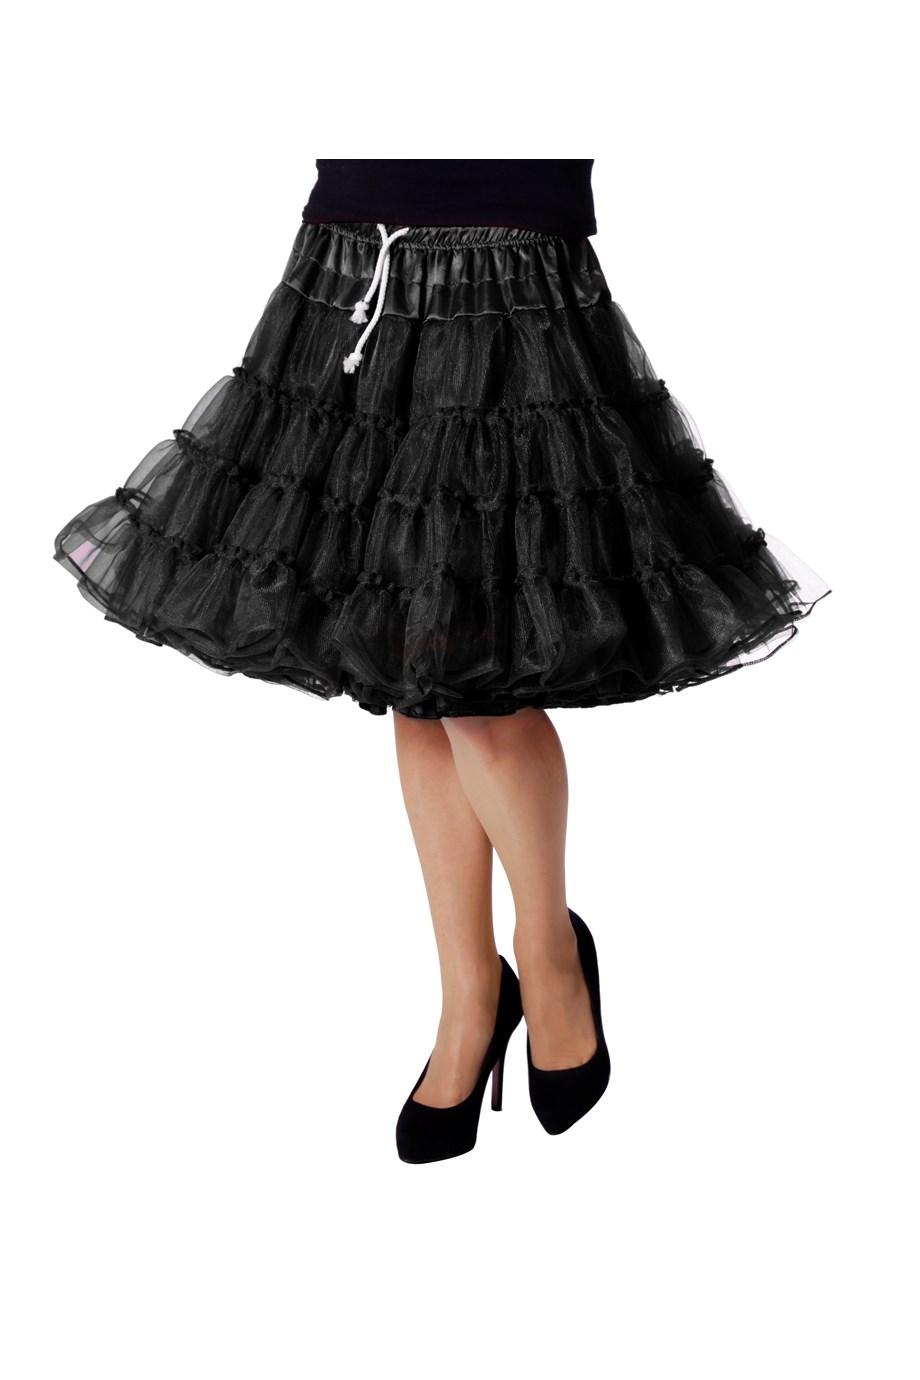 Petticoat luxe zwart-0